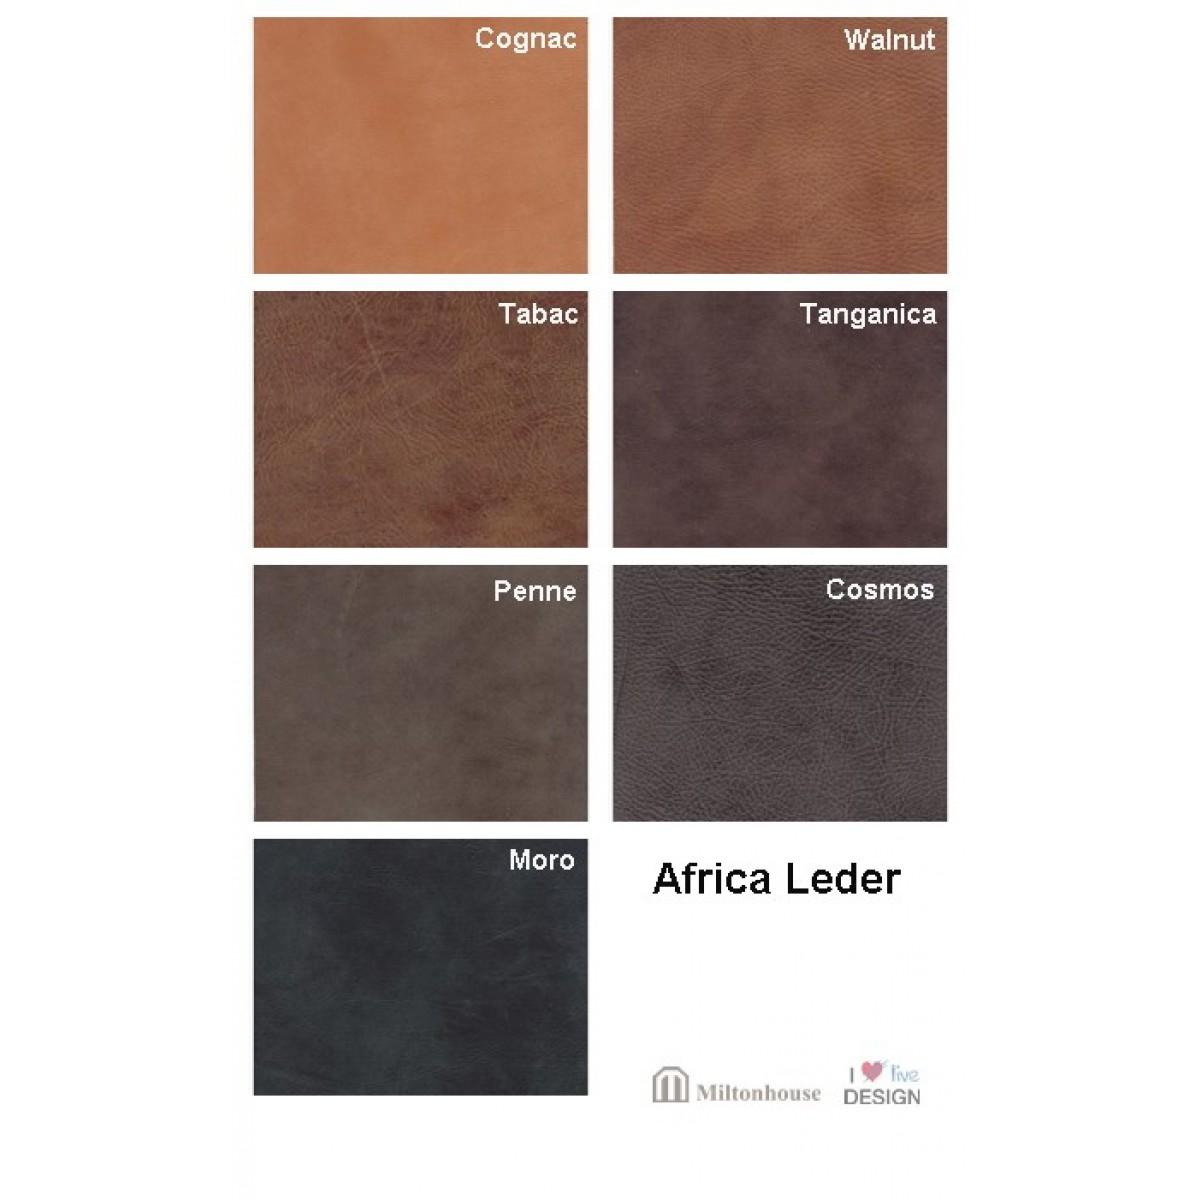 Africa-leder-leer